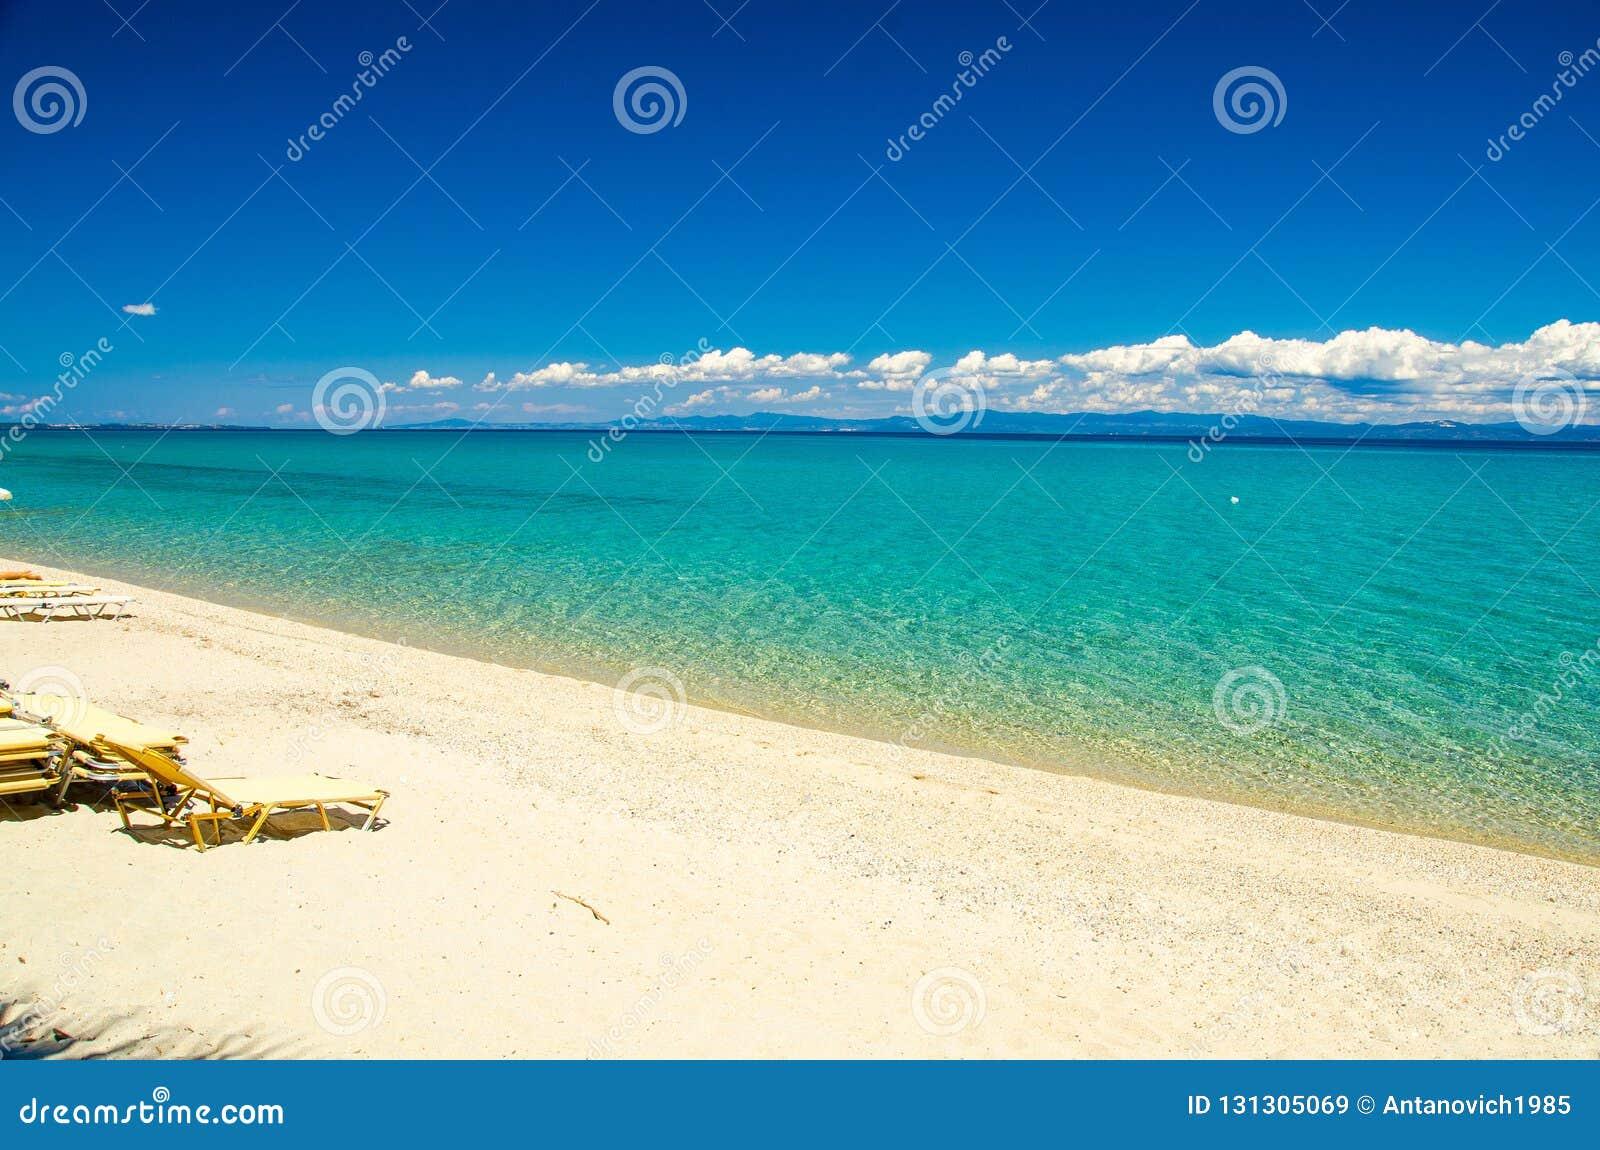 Plage sablonneuse avec de l eau bleu paradis, Halkidiki, Kassandra, Gree